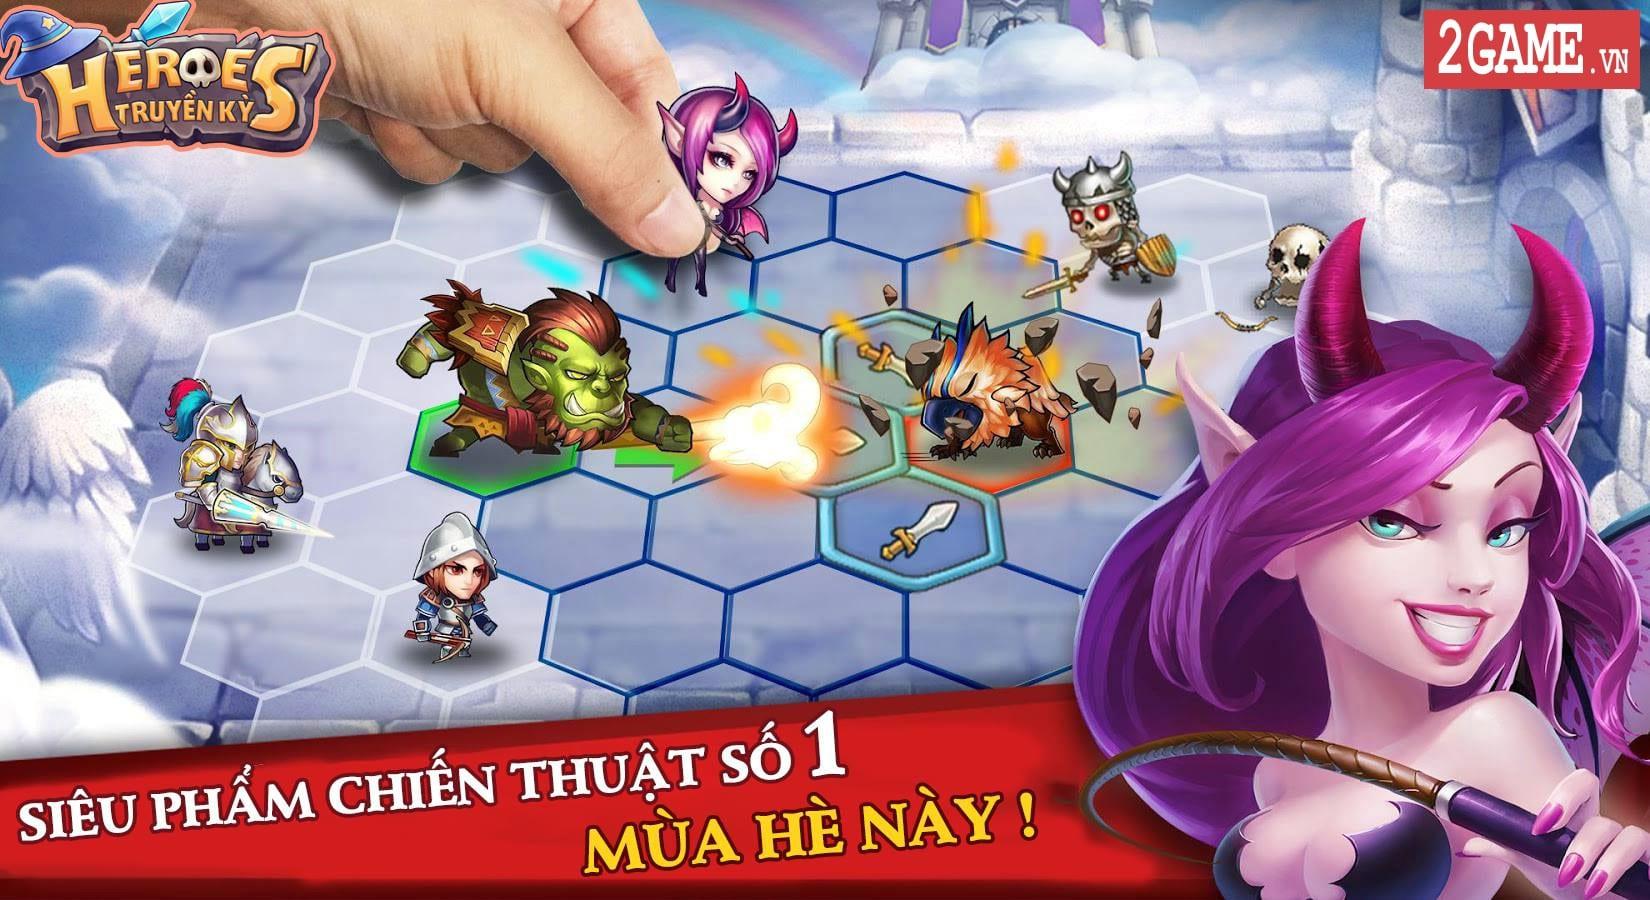 15 game online mới đã và đang chuẩn bị cập bến làng game Việt 12